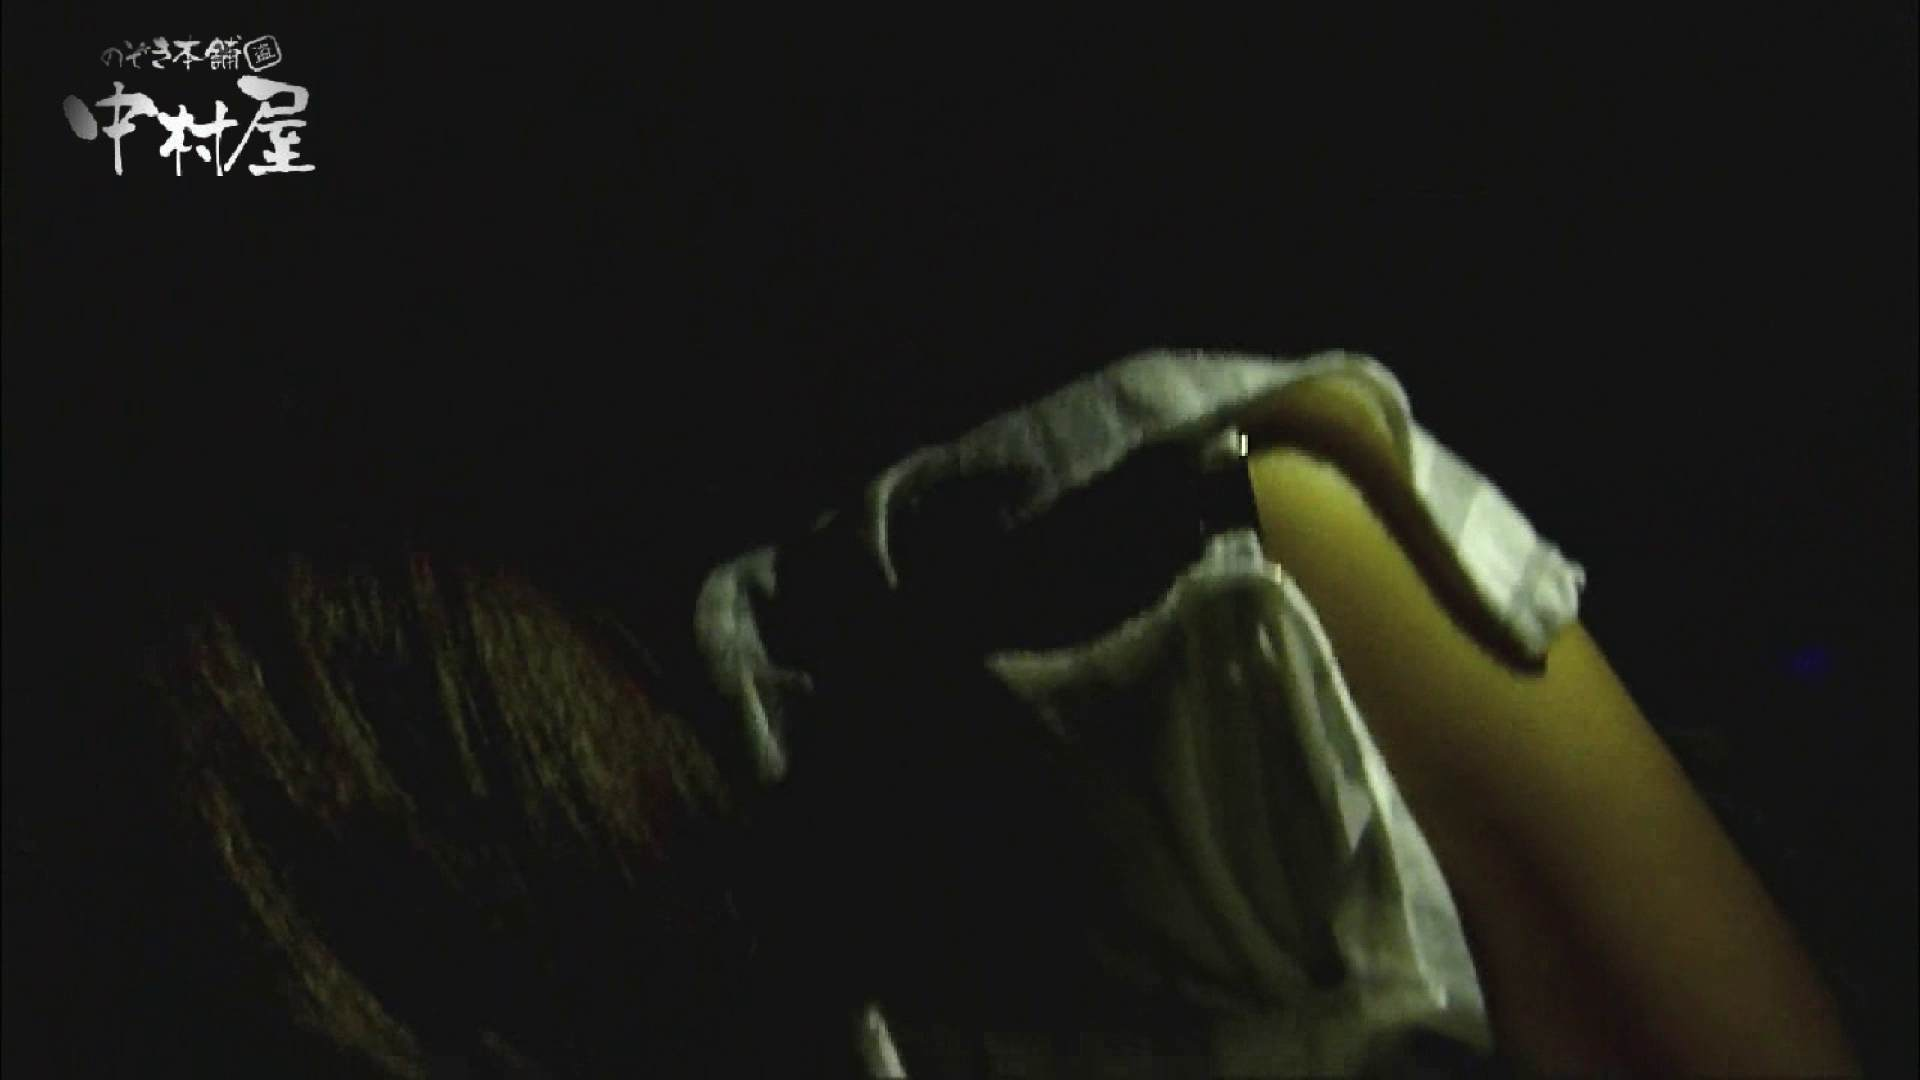 欲望 リアルドール Vol.01 Kちゃんショップ店員店員20歳 イタズラ オマンコ動画キャプチャ 71pic 7